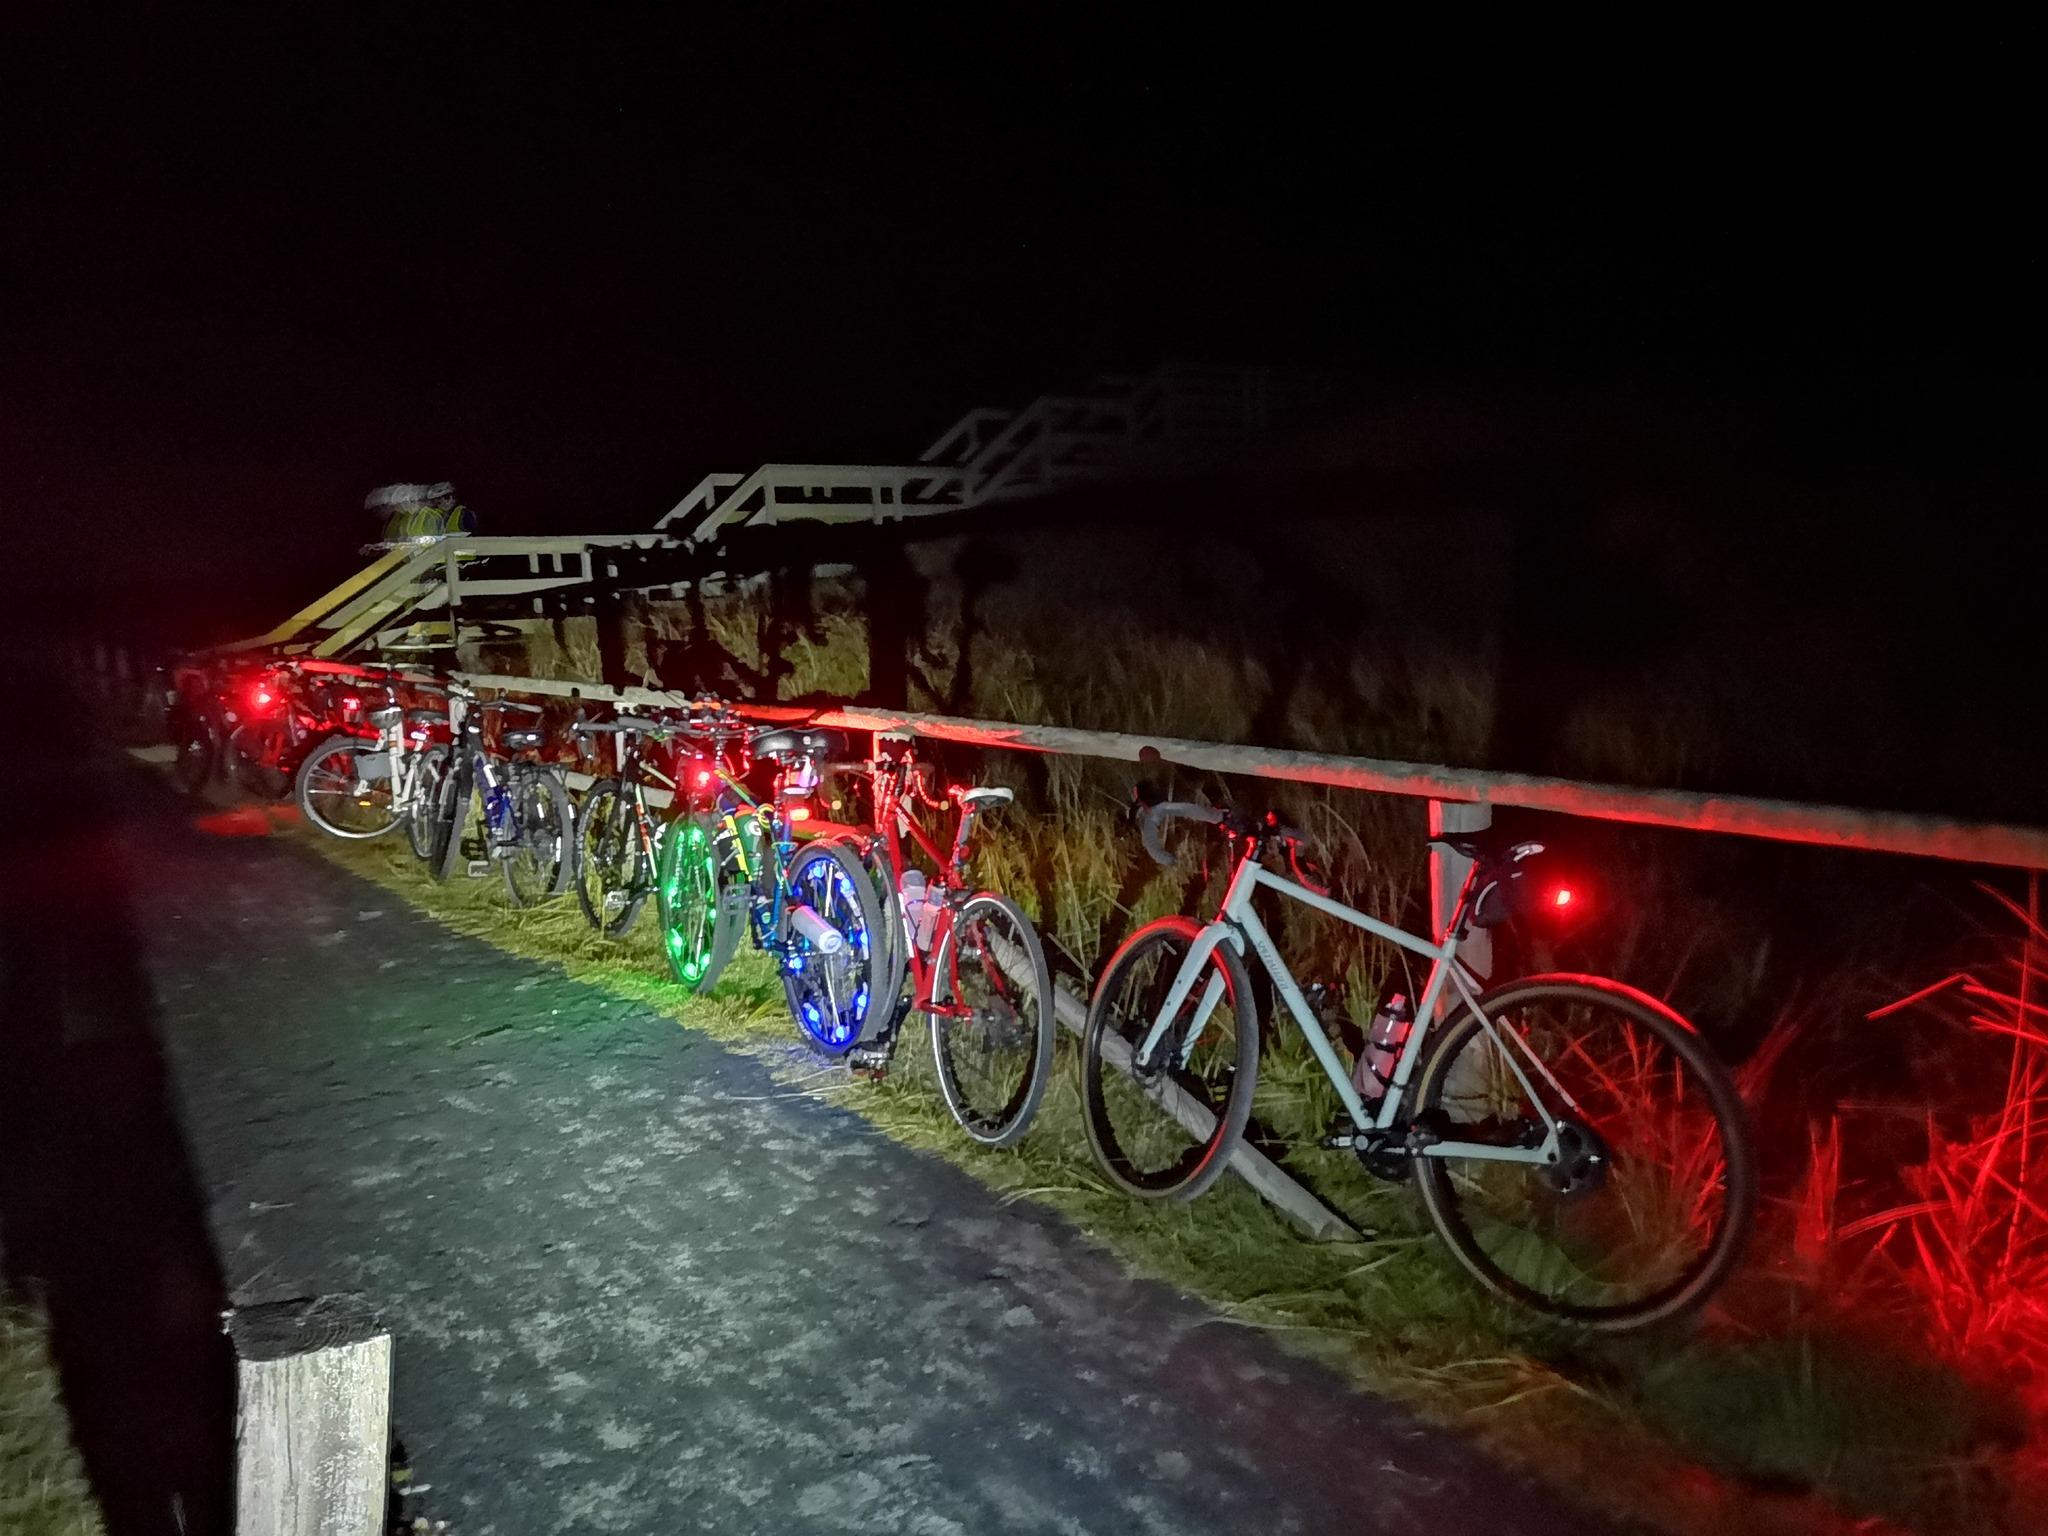 Group Rides at Halifax Cycles & Guitars